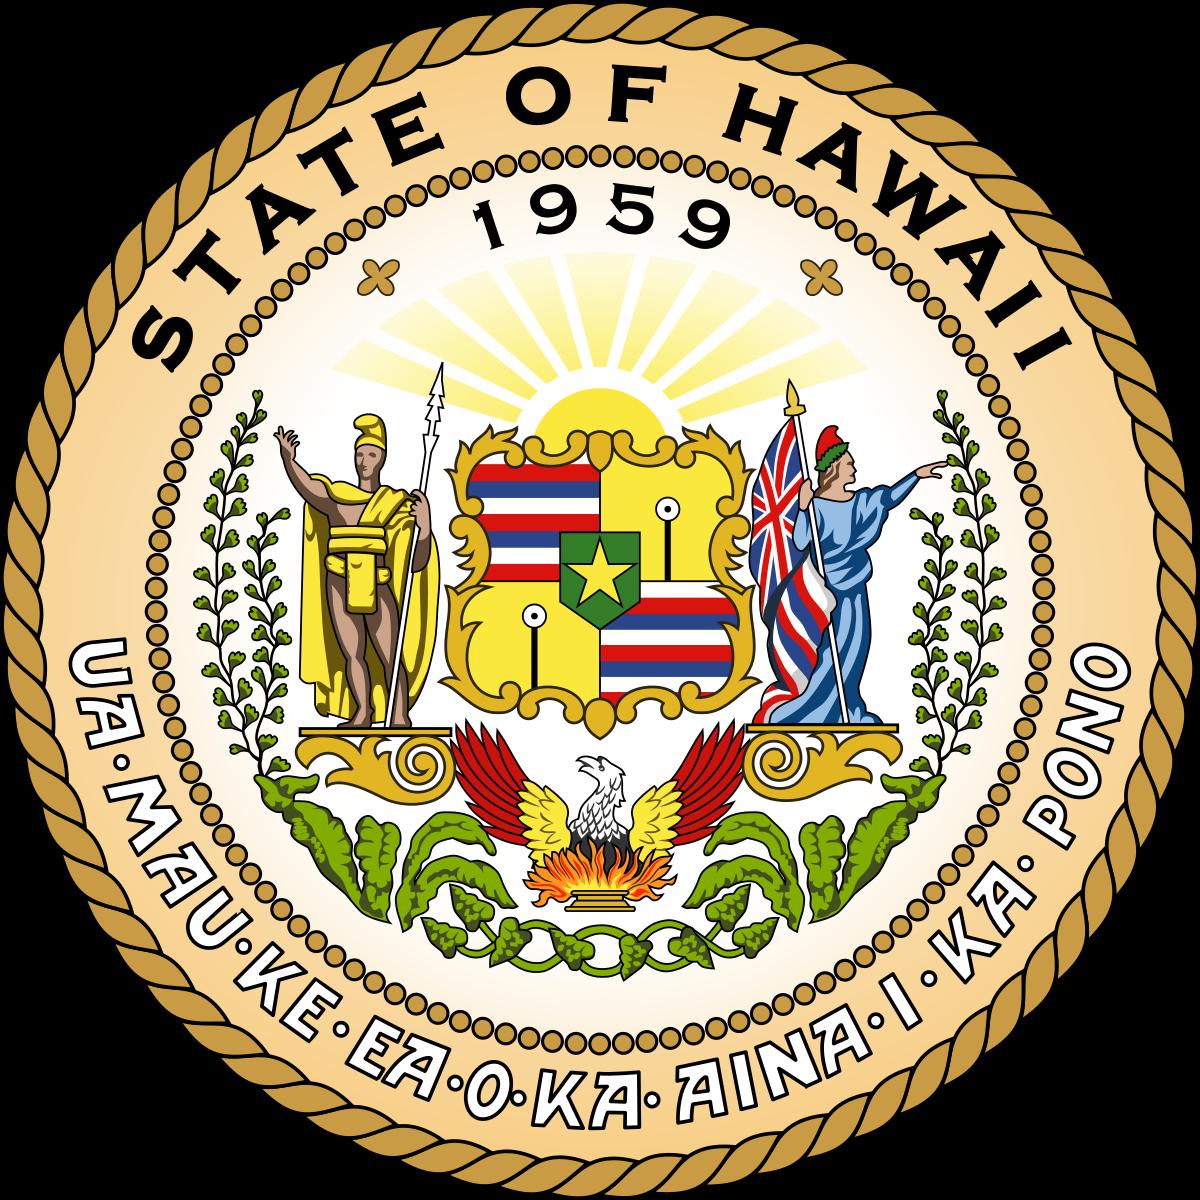 Hawaii logo